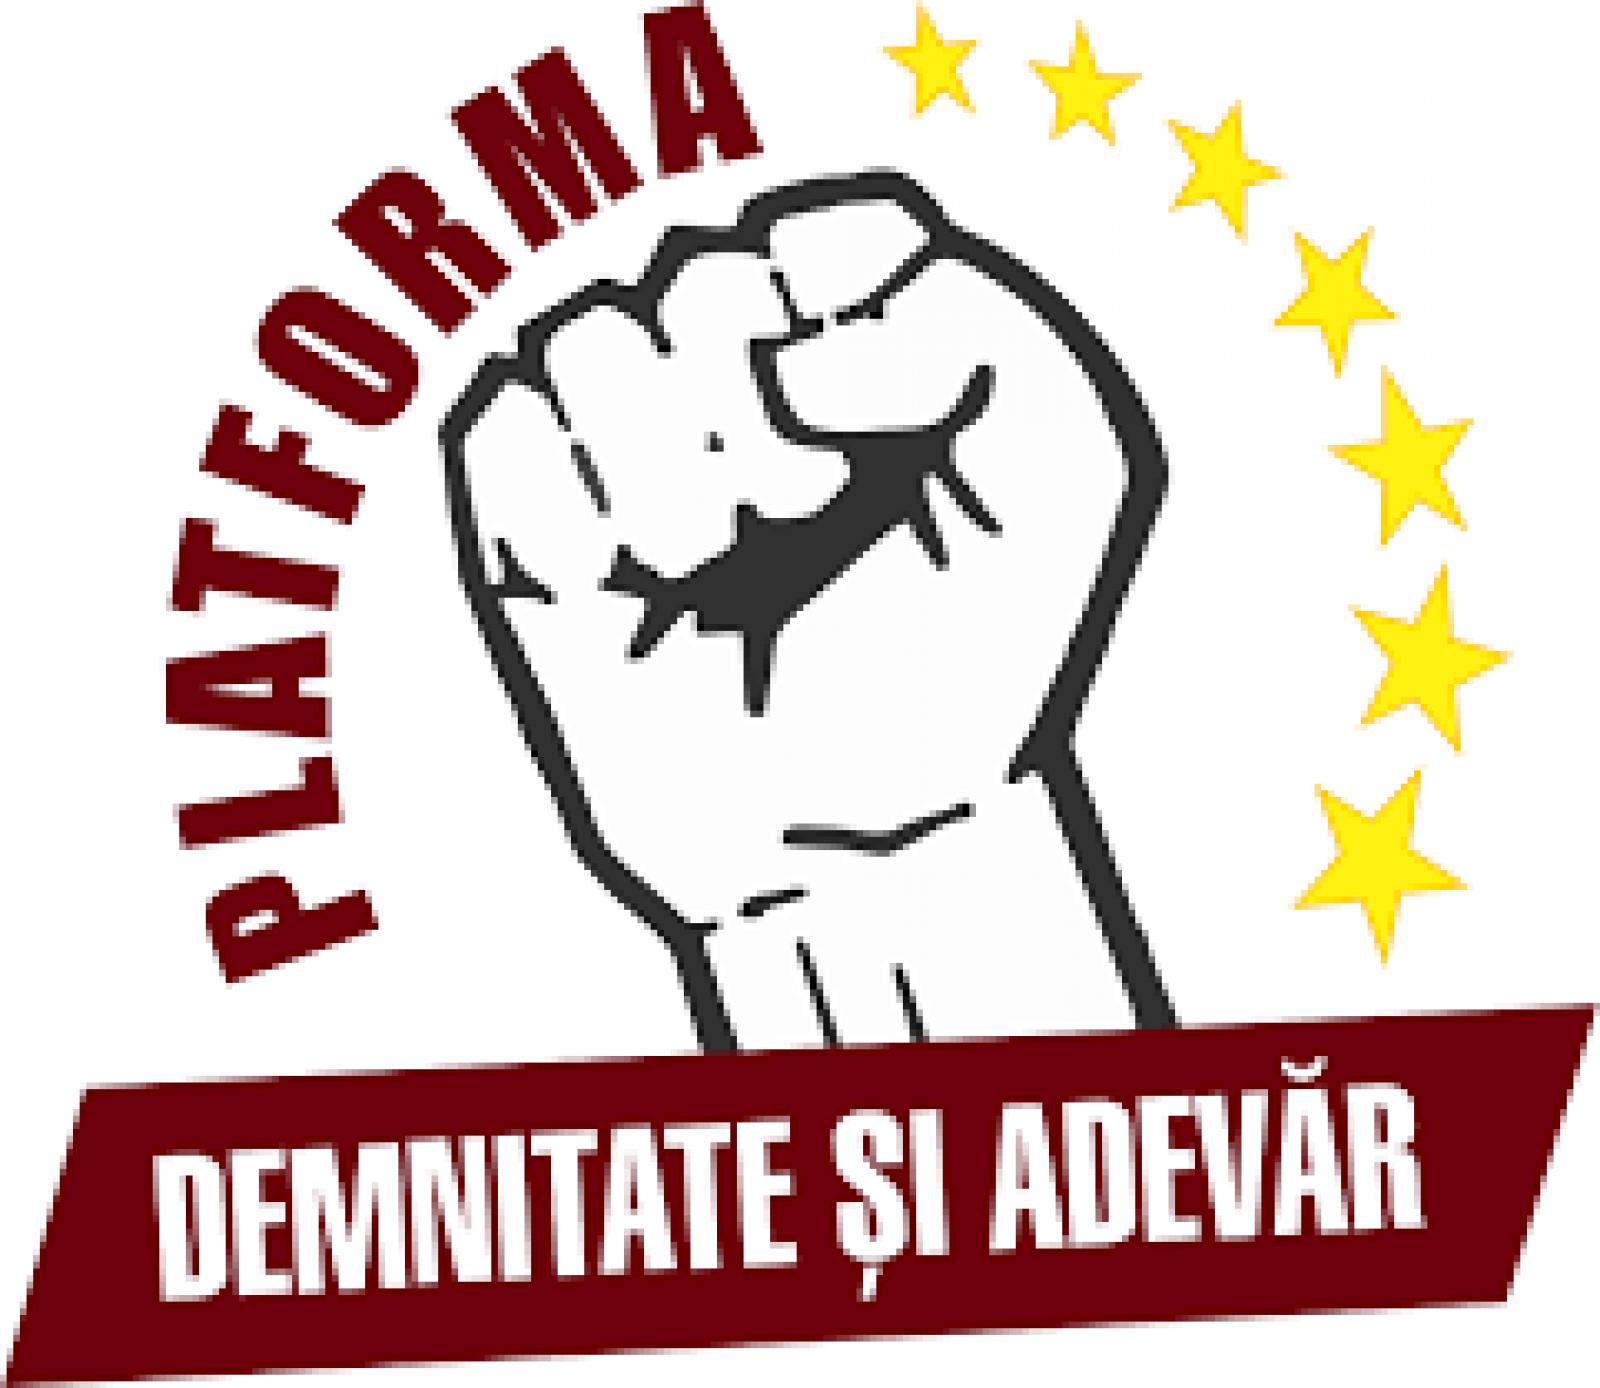 Consiliul Politic Naţional al Platformei Demnitate şi Adevăr a decis cine va fi candidatul la alegerile pentru primăria Chişinău și Bălți